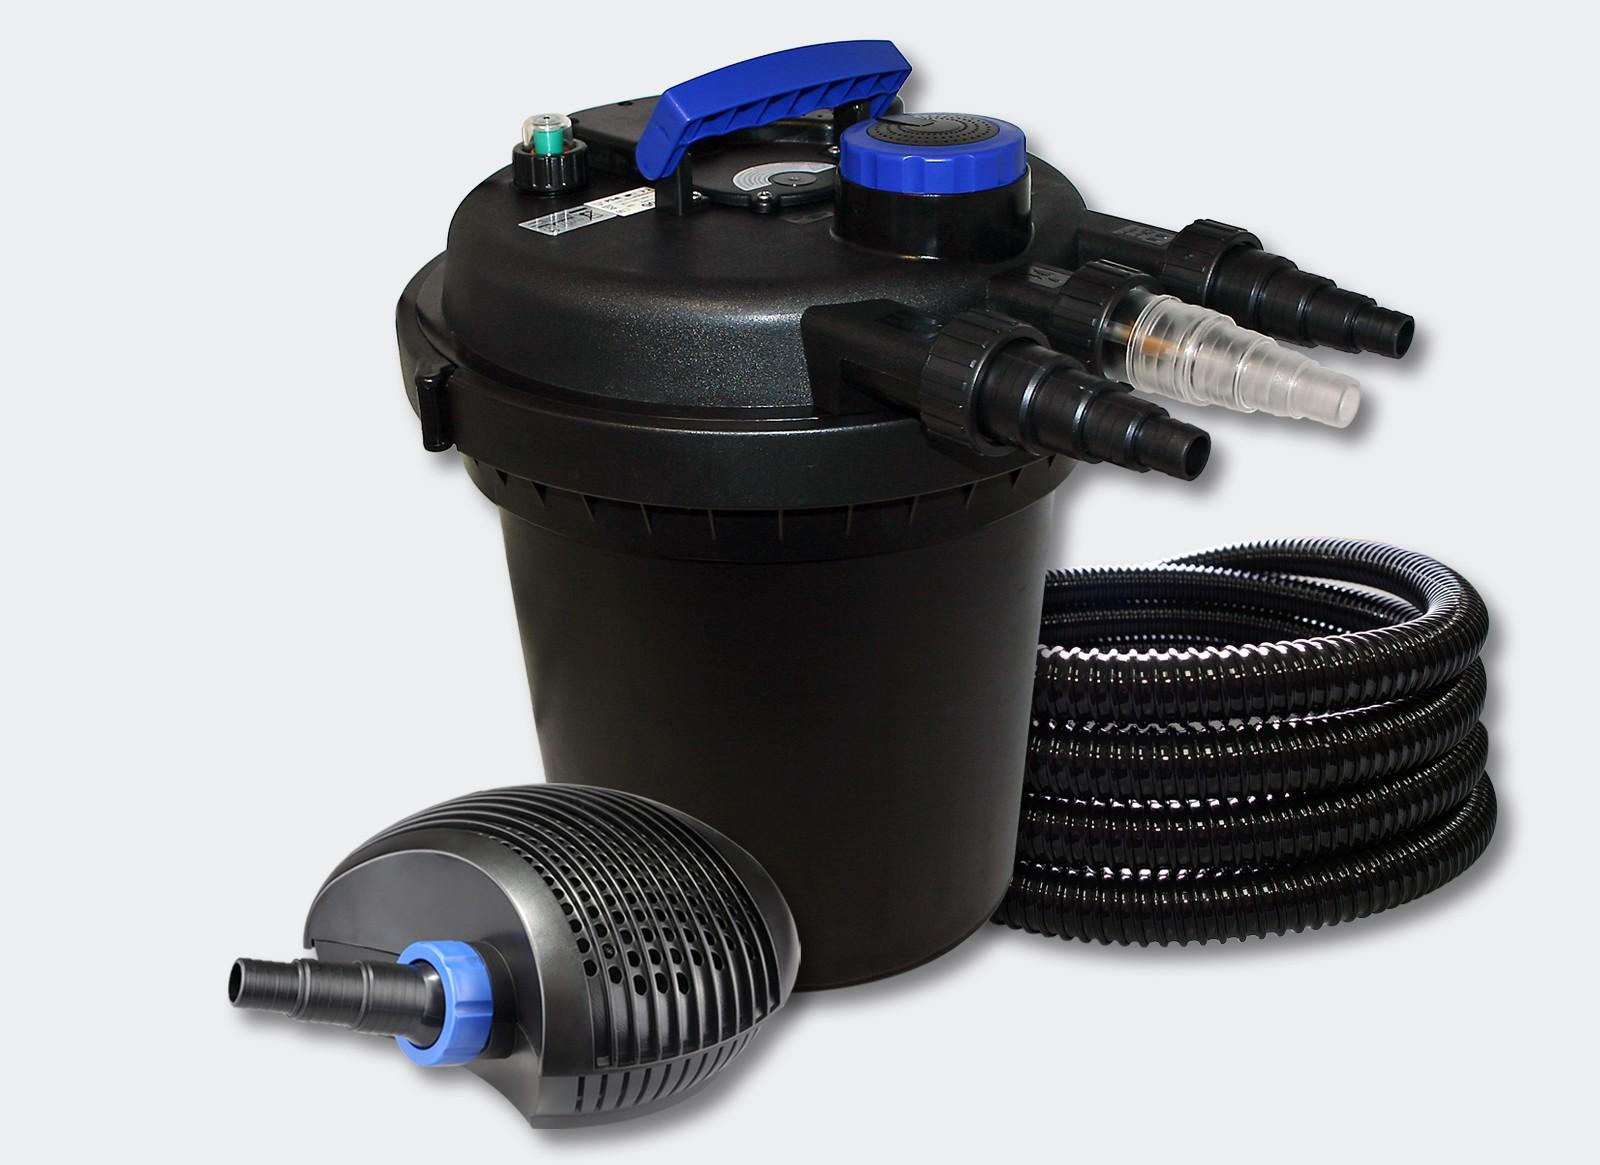 kit filtre pression complet pour bassins de 10000 l pompe 6000 055461 le poisson qui jardine. Black Bedroom Furniture Sets. Home Design Ideas